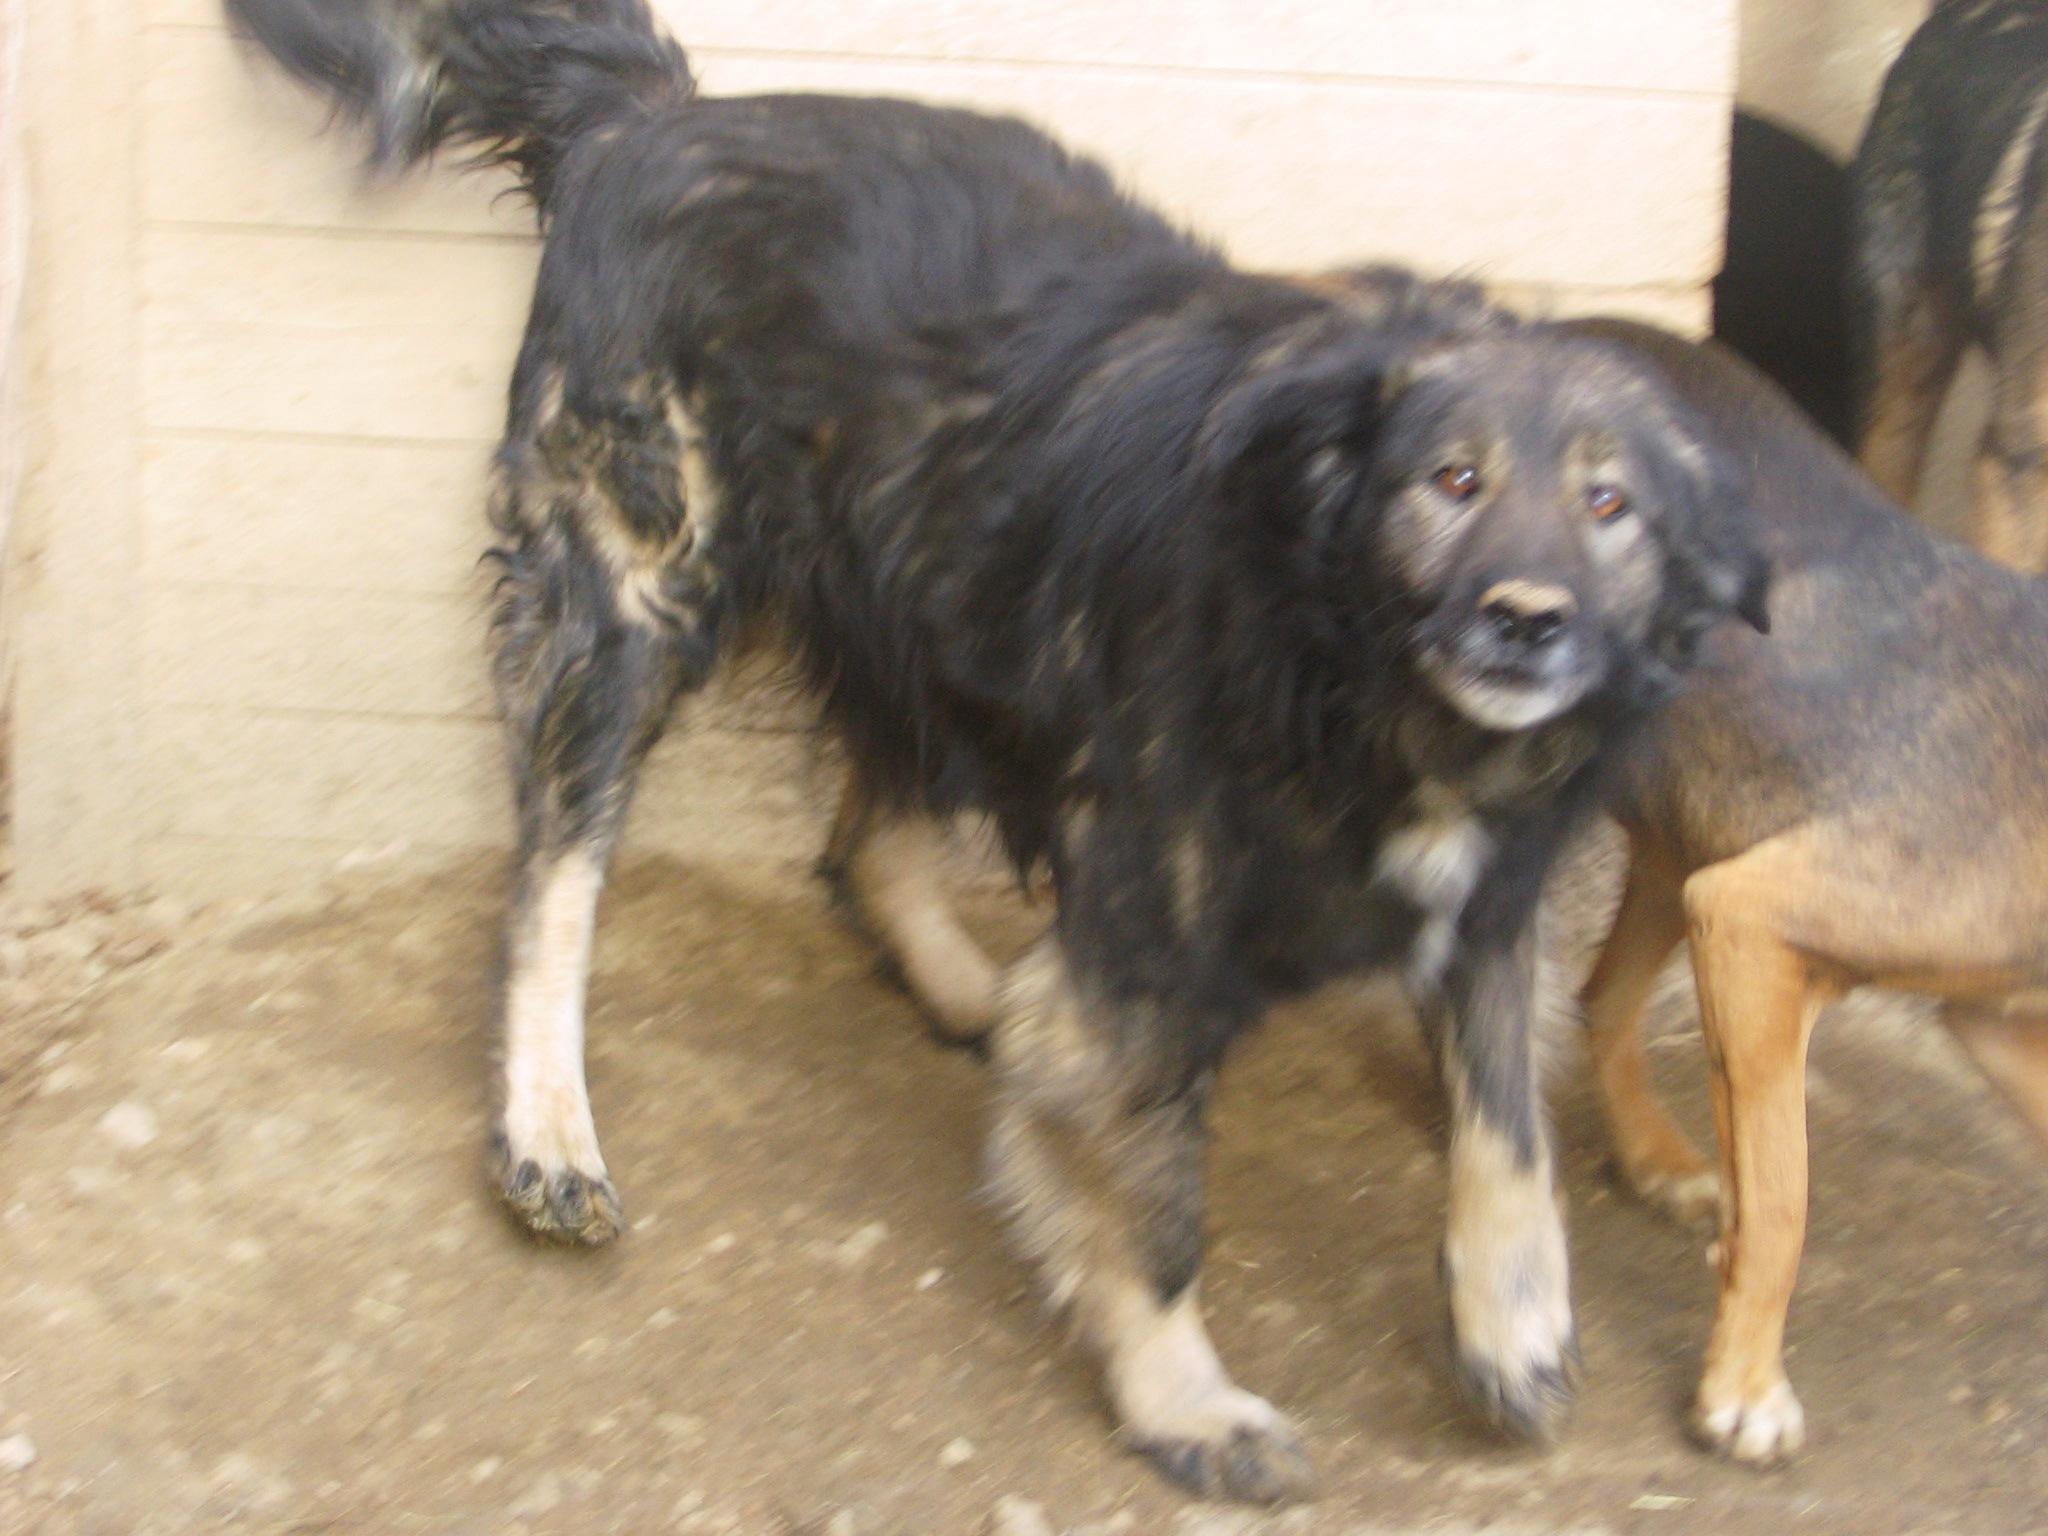 Die Hunde sind auf Hilfe angewiesen und werden trotz erschwerter Bedingungen durch Corona von Aida und Goga versorgt.